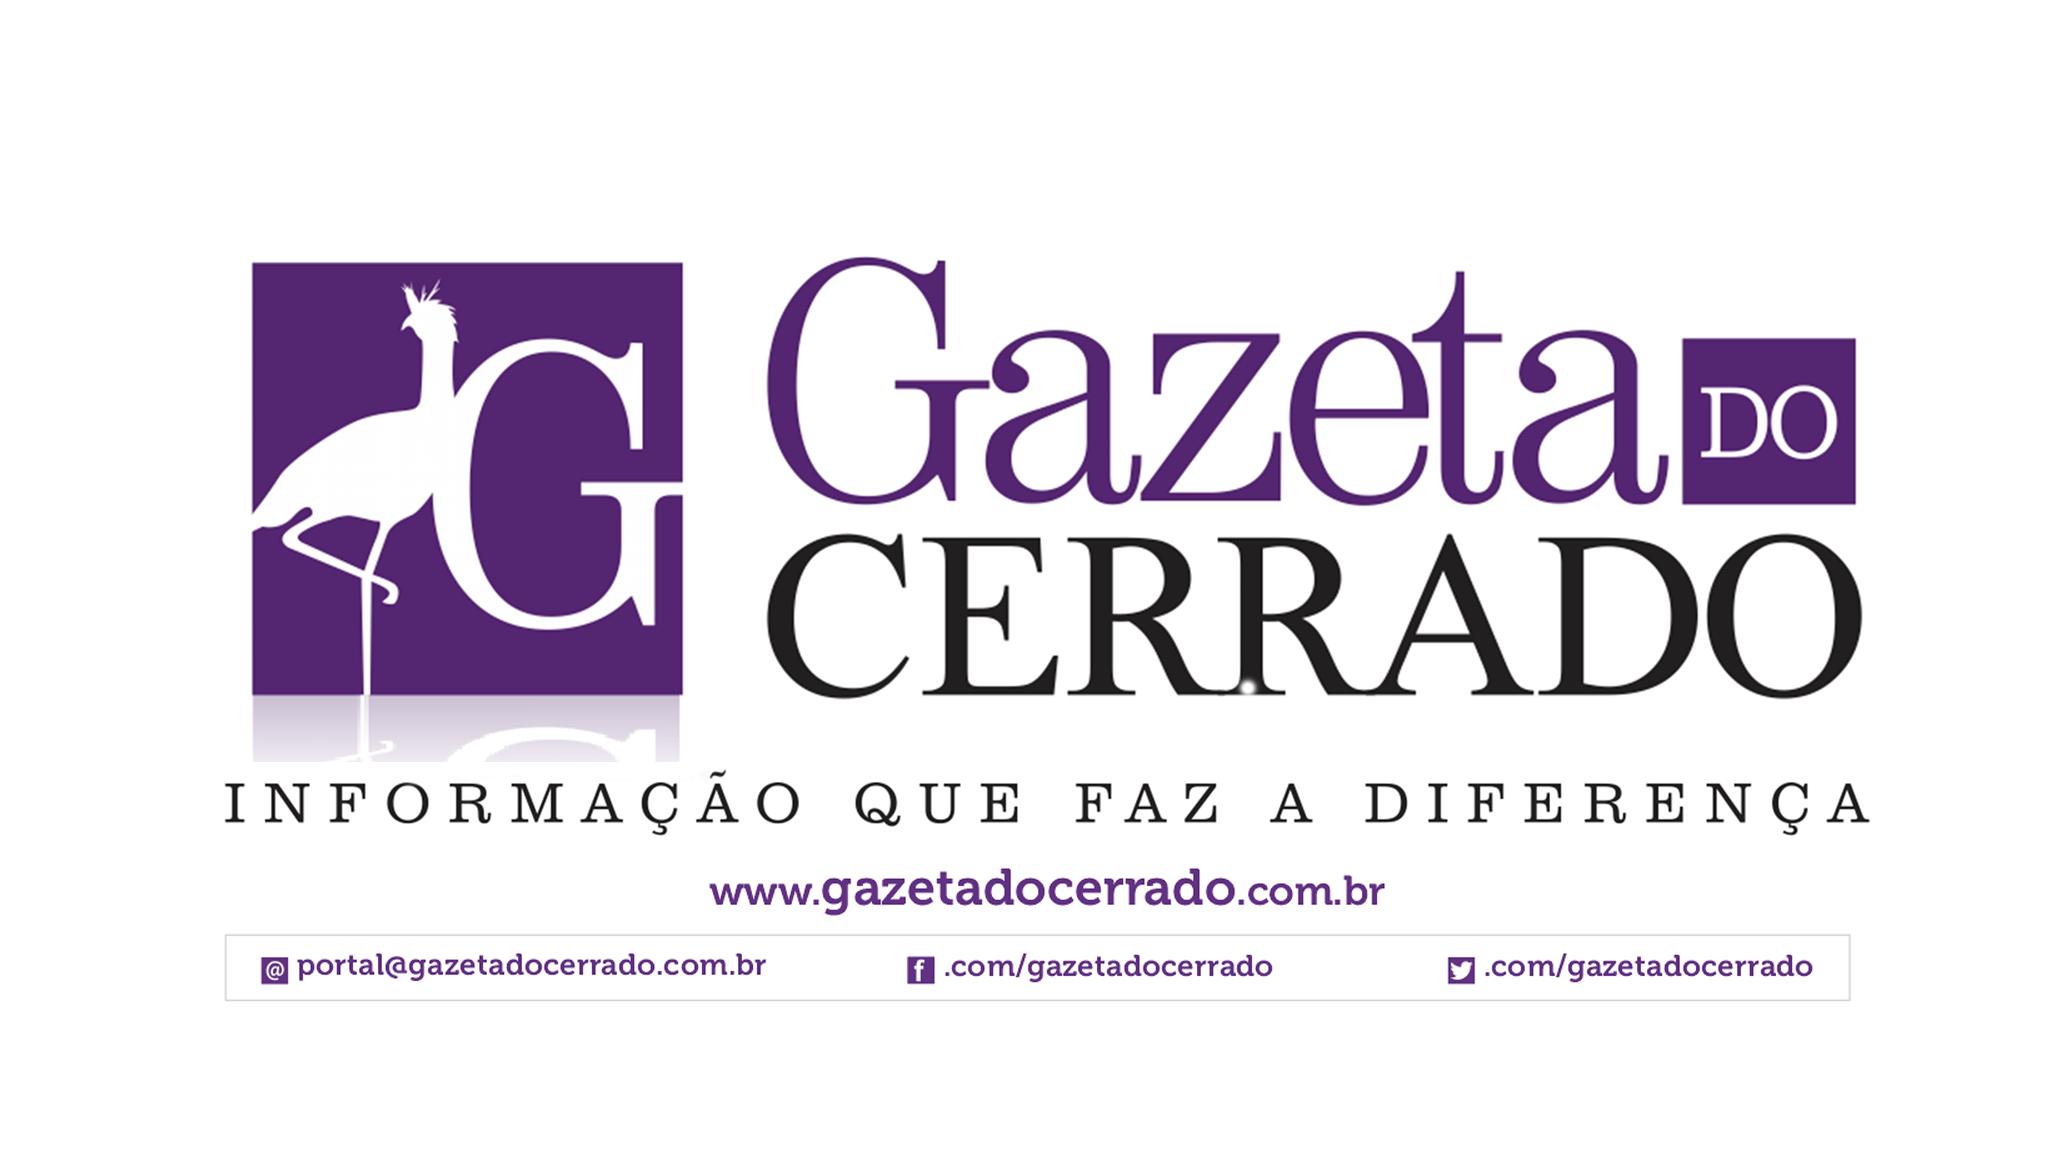 LOGO-GAZETA-com redes